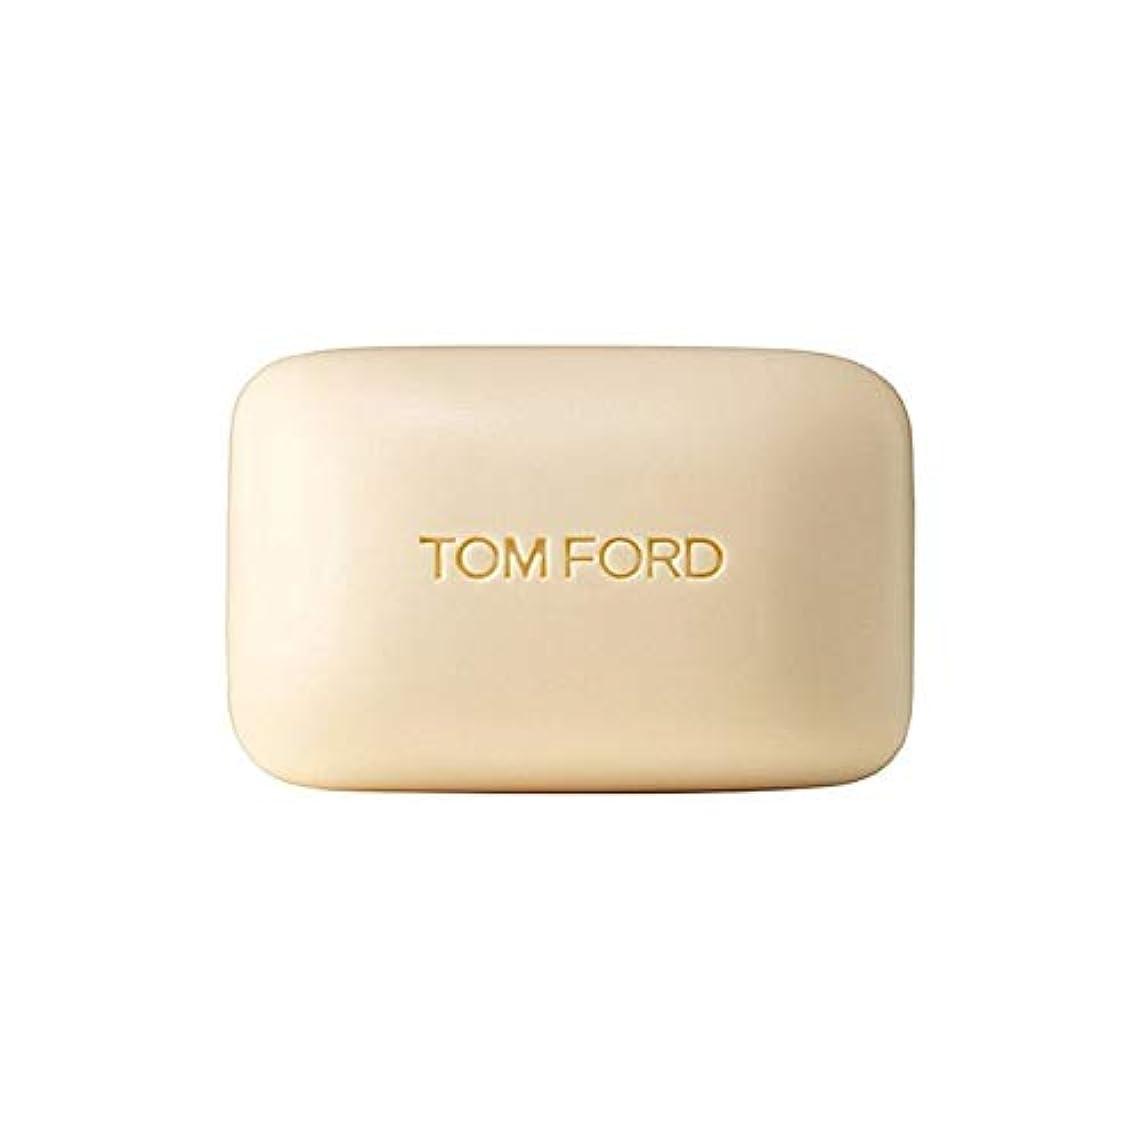 無線枝発言する[Tom Ford] トムフォードジャスミンルージュソープバー150グラム - Tom Ford Jasmin Rouge Soap Bar 150G [並行輸入品]